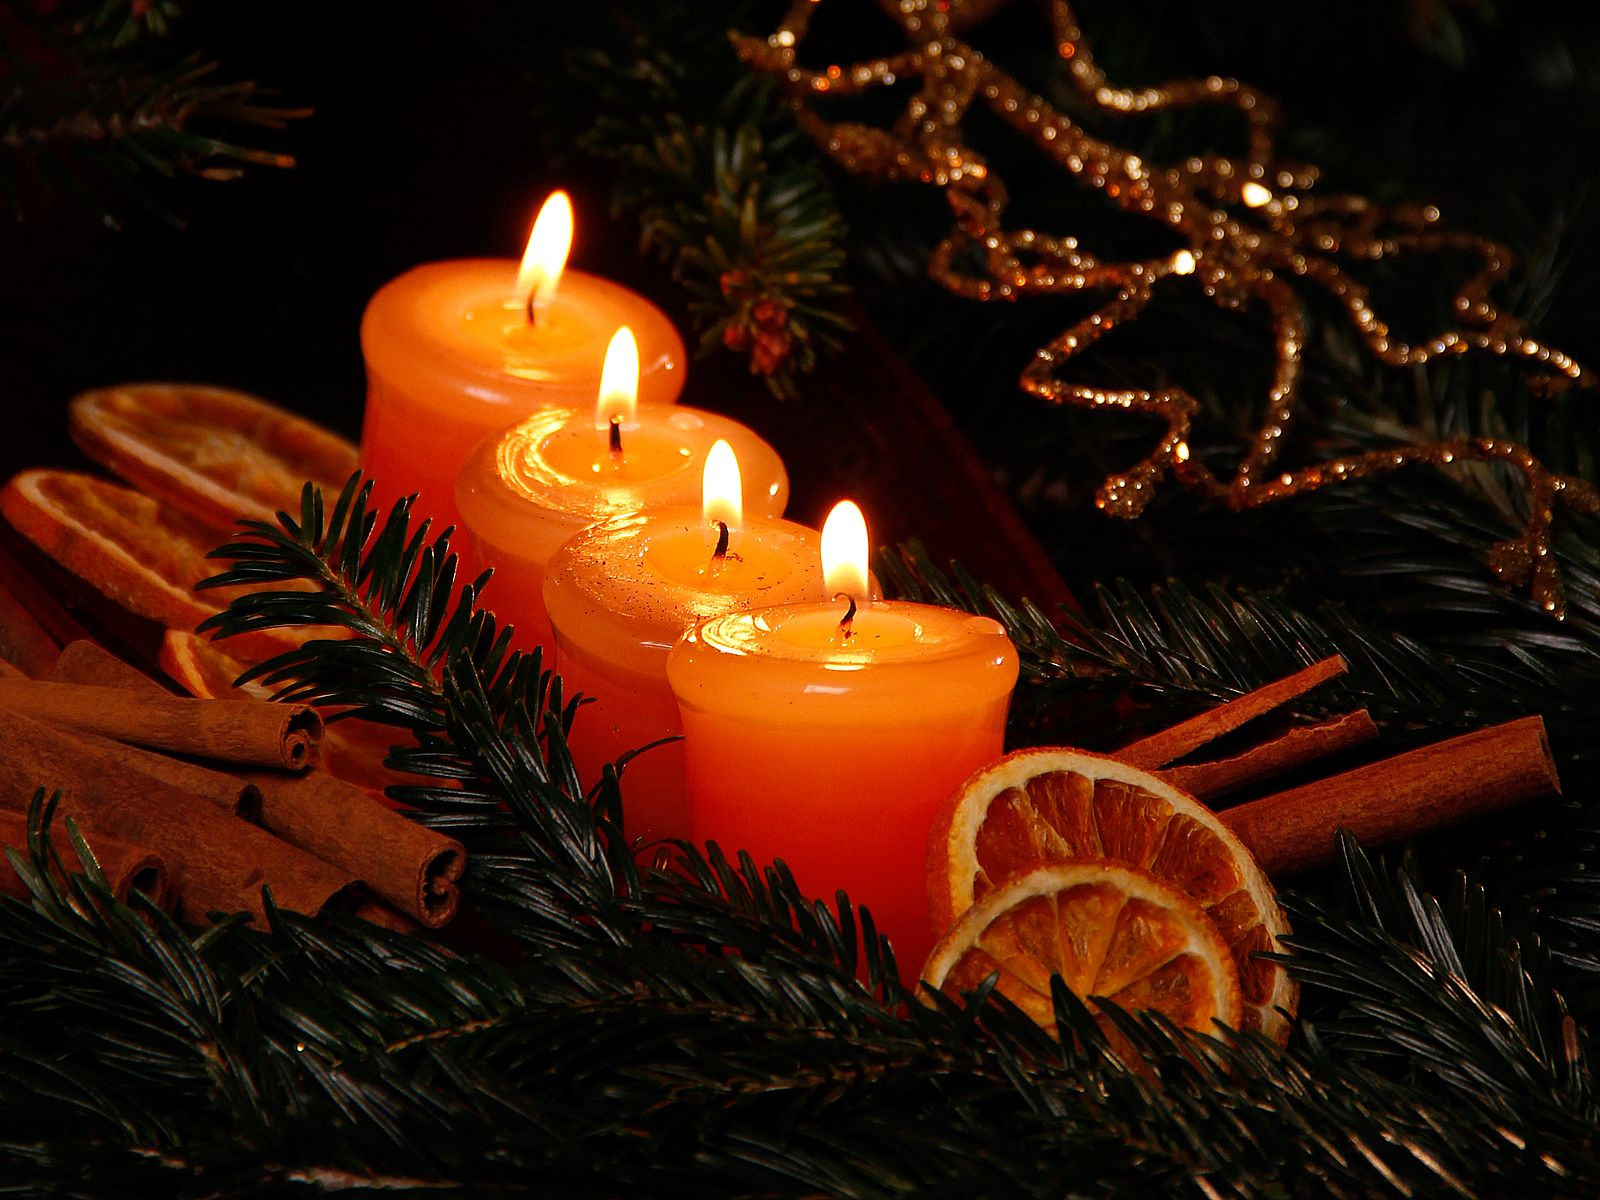 Weihnachtsbilder Kostenlos Runterladen   Kerzen - Schöne über Adventsbilder Kostenlos Herunterladen